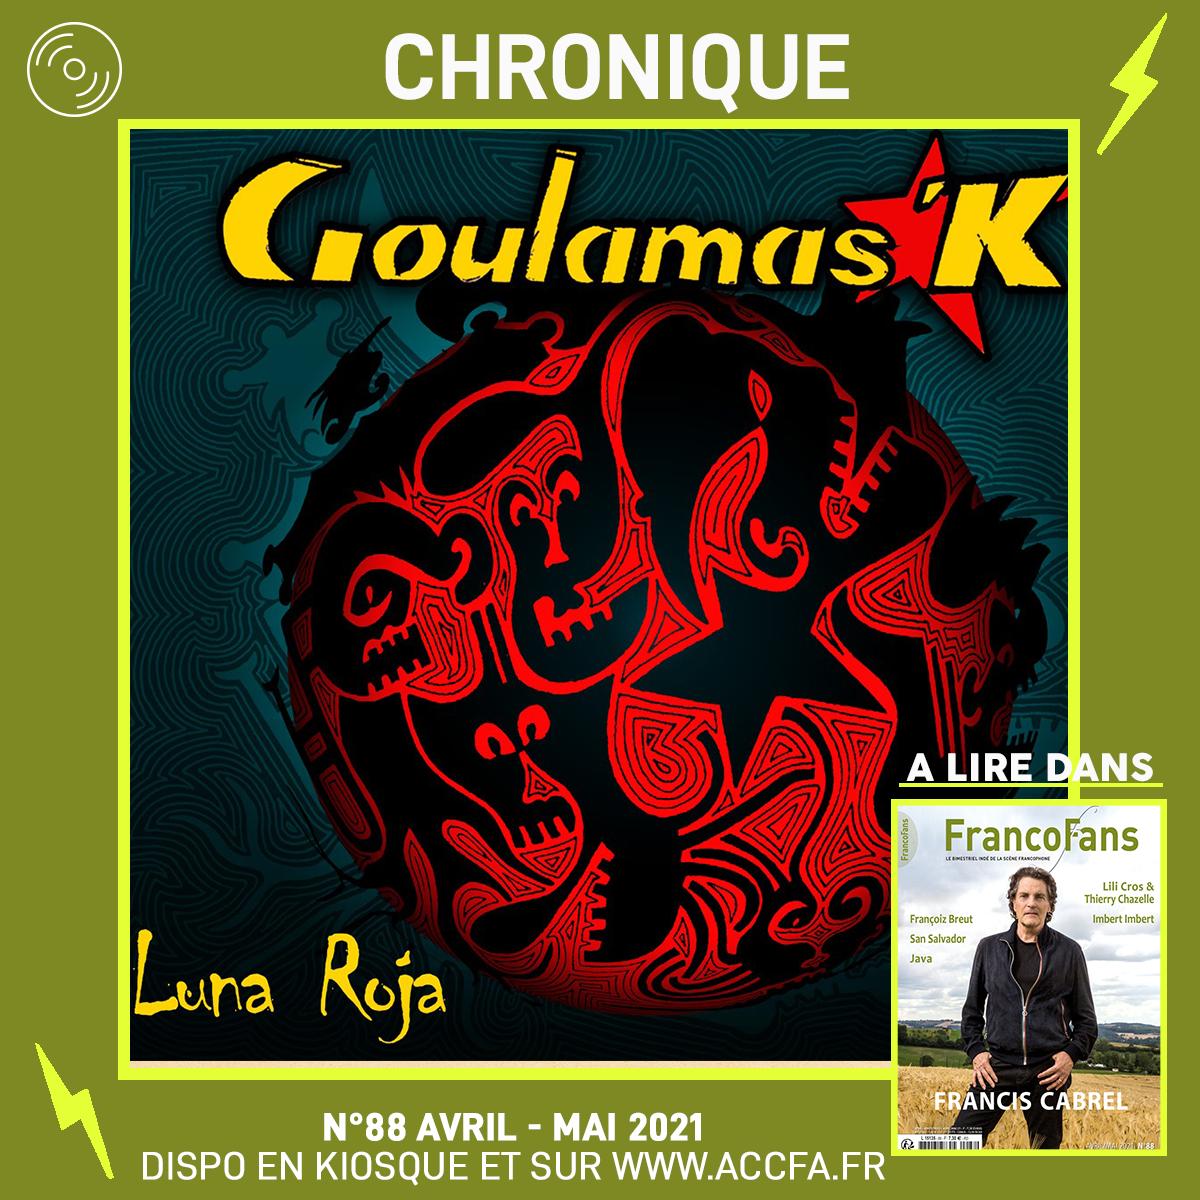 [Chronique] Goulamas'k - Luna Roja